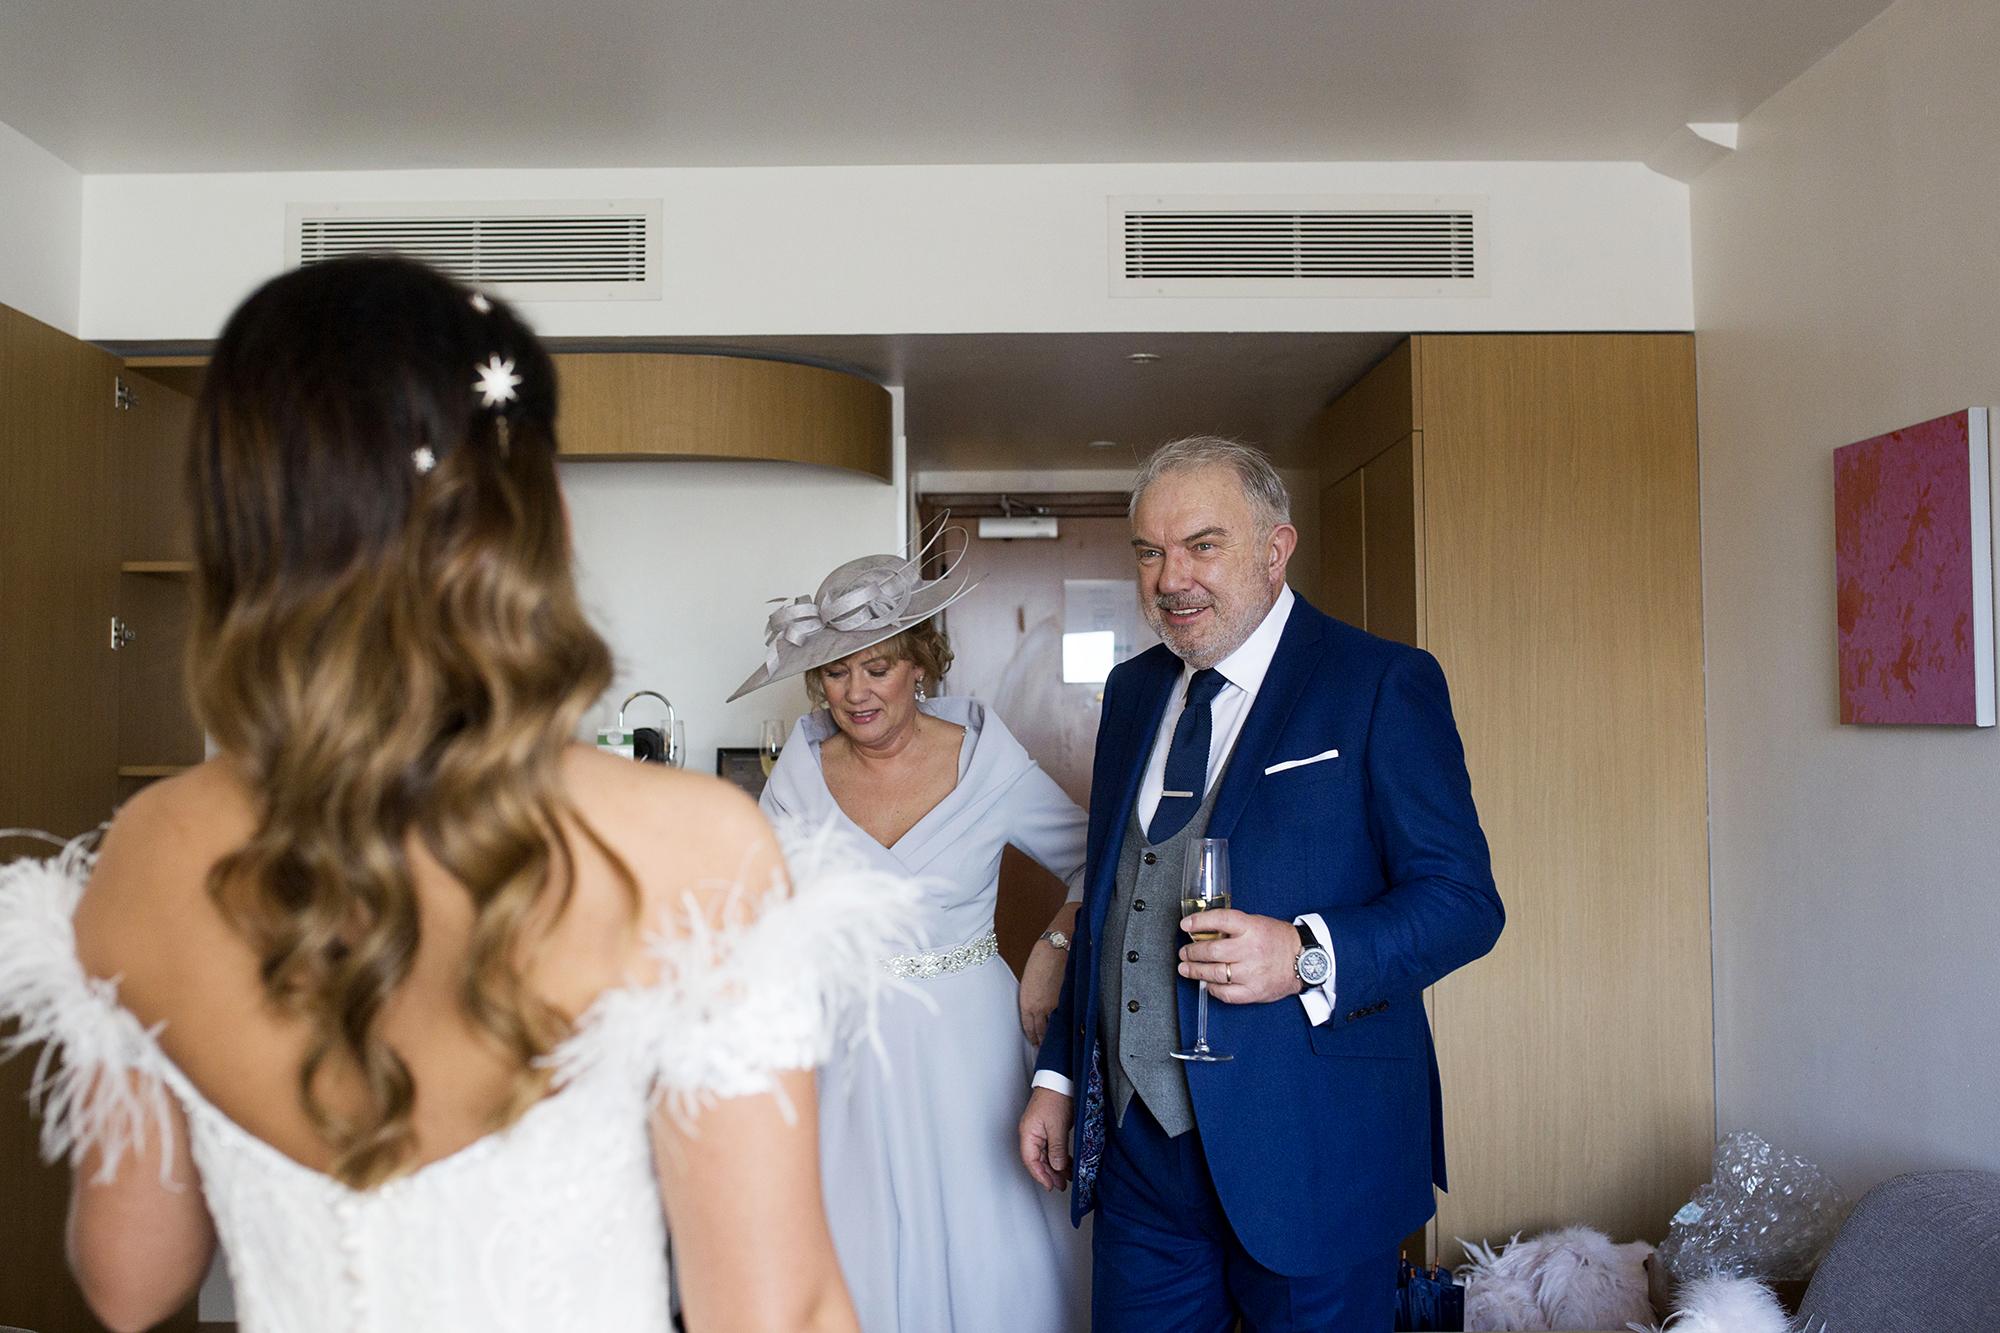 Trafalgar-Tavern-Greenwich-Wedding-Charlott-King-Photography (56)